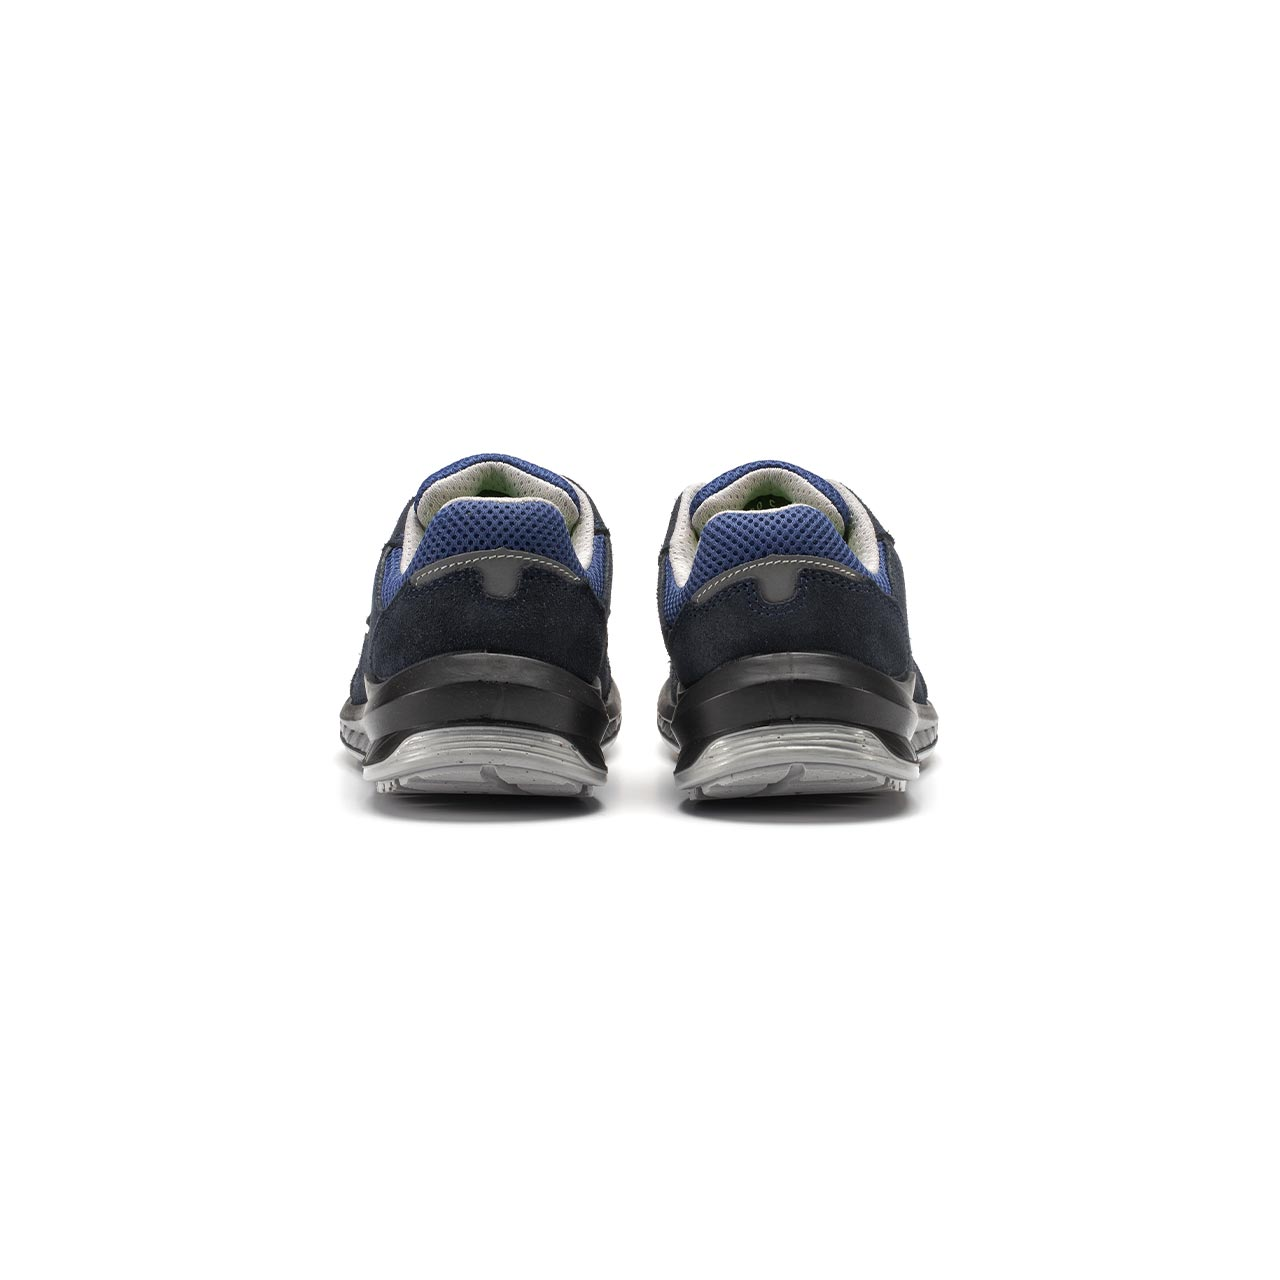 paio di scarpe antinfortunistiche upower modello berlino linea redindustry vista retro